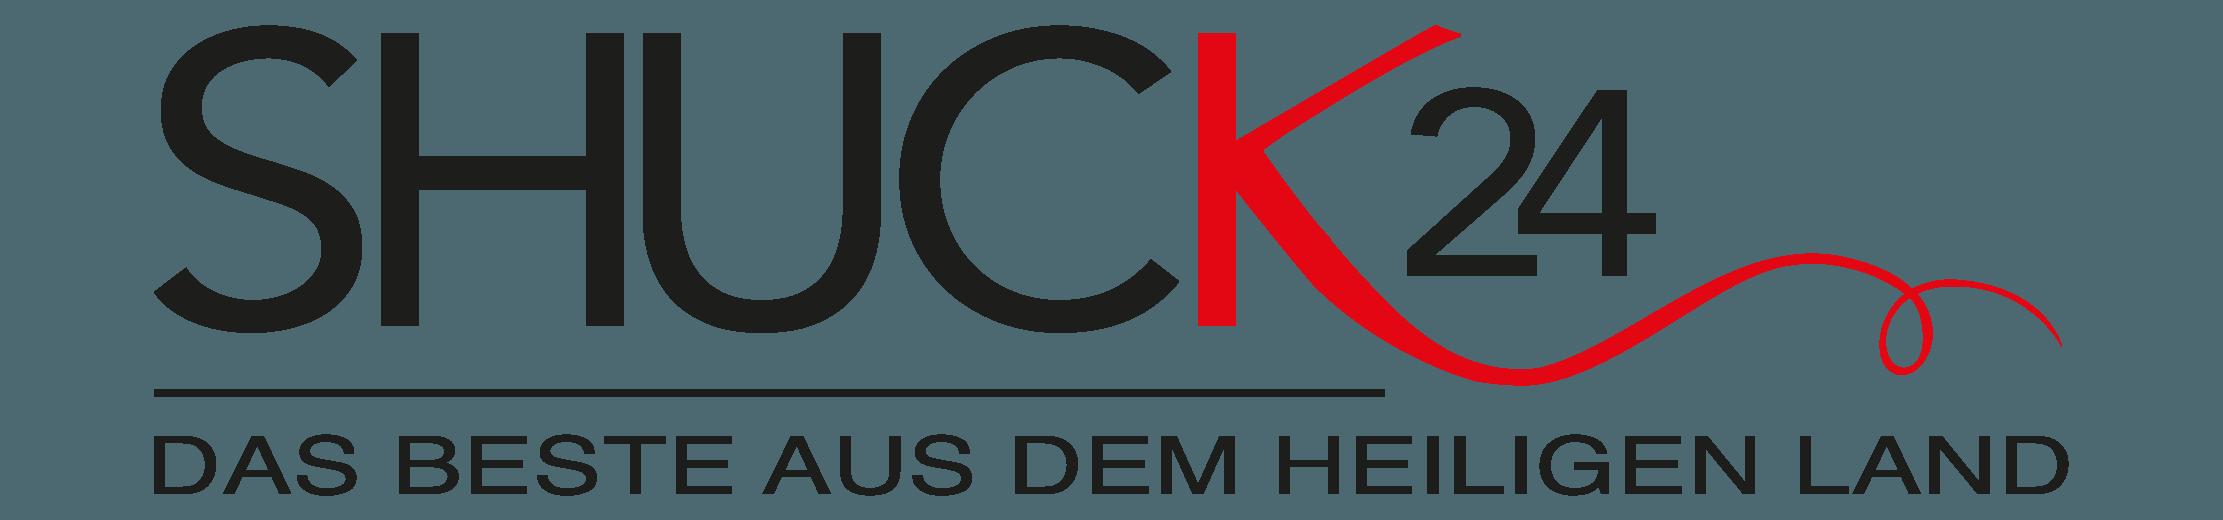 Shuck-24.de